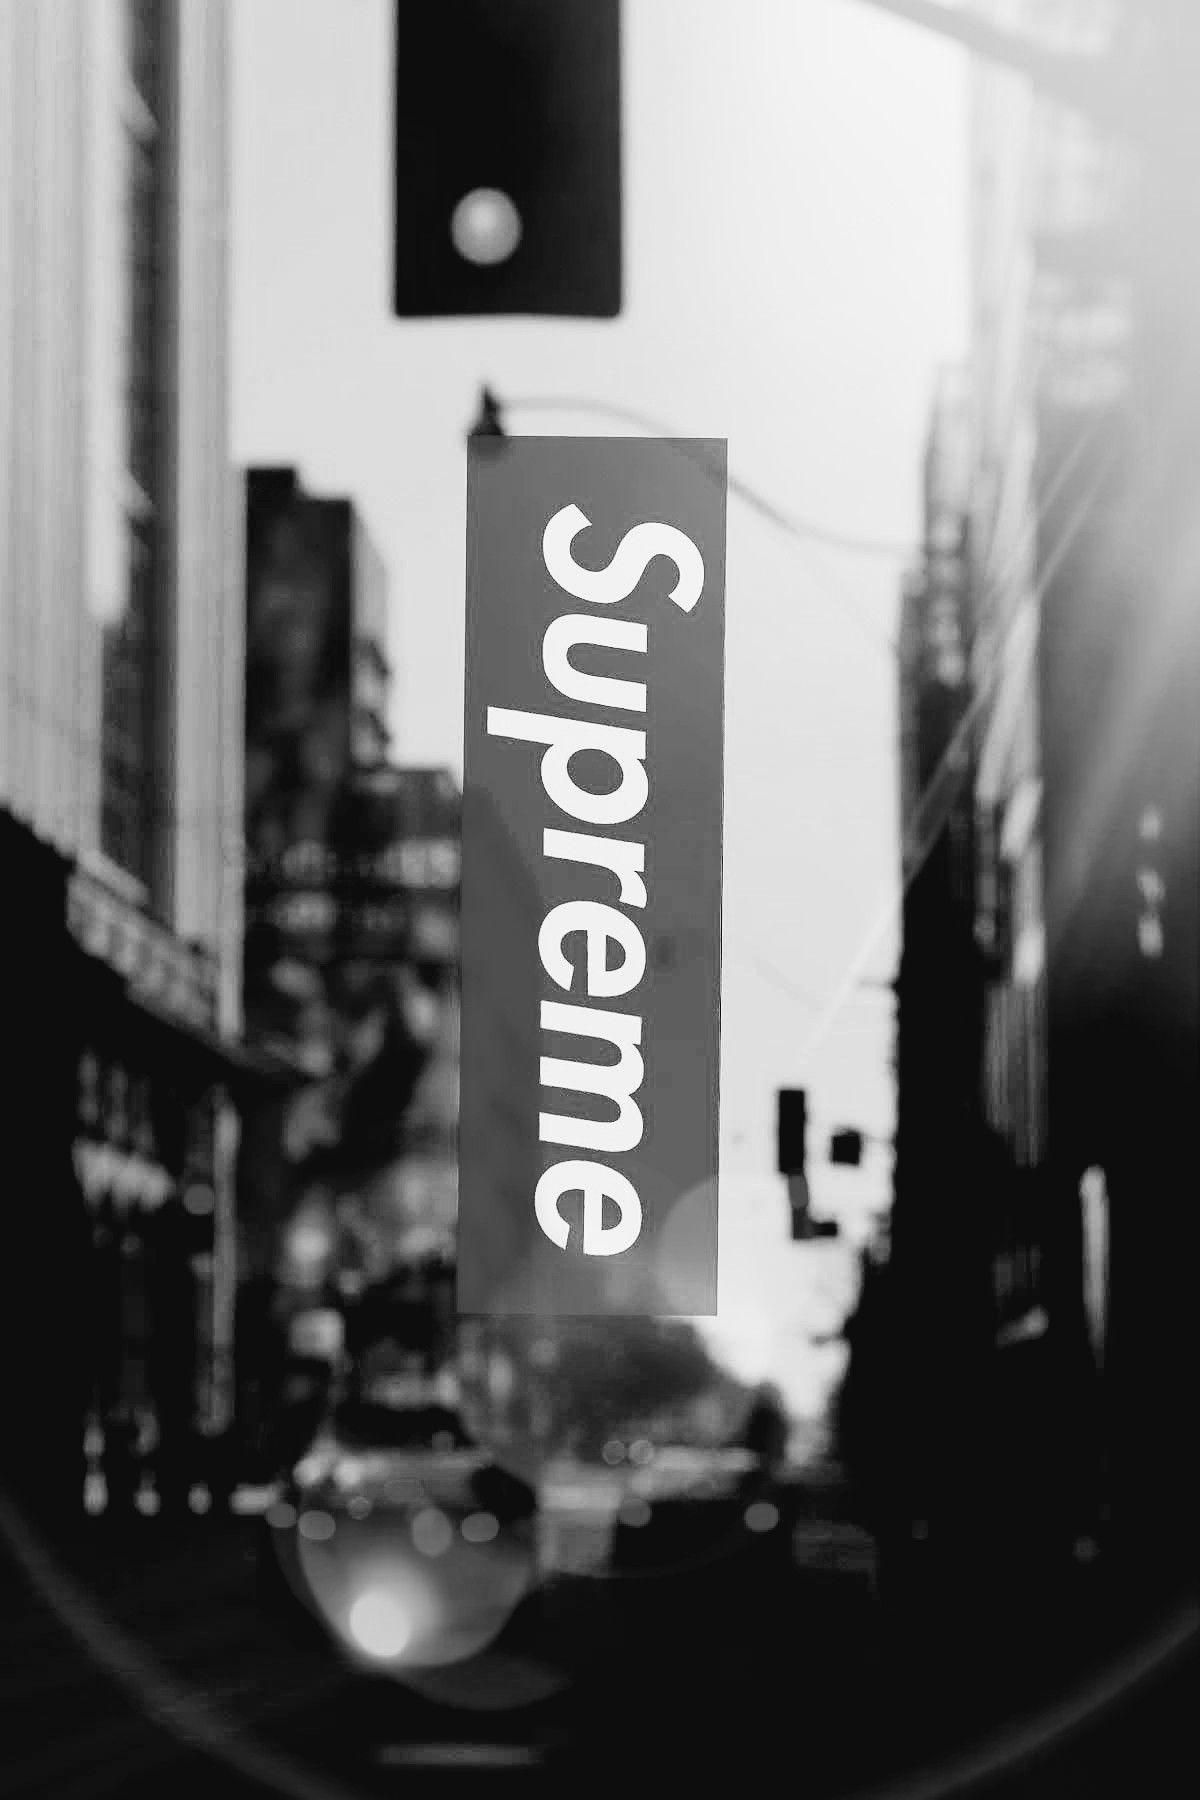 supreme wallpaper grayscale | Supreme wallpaper hd ...